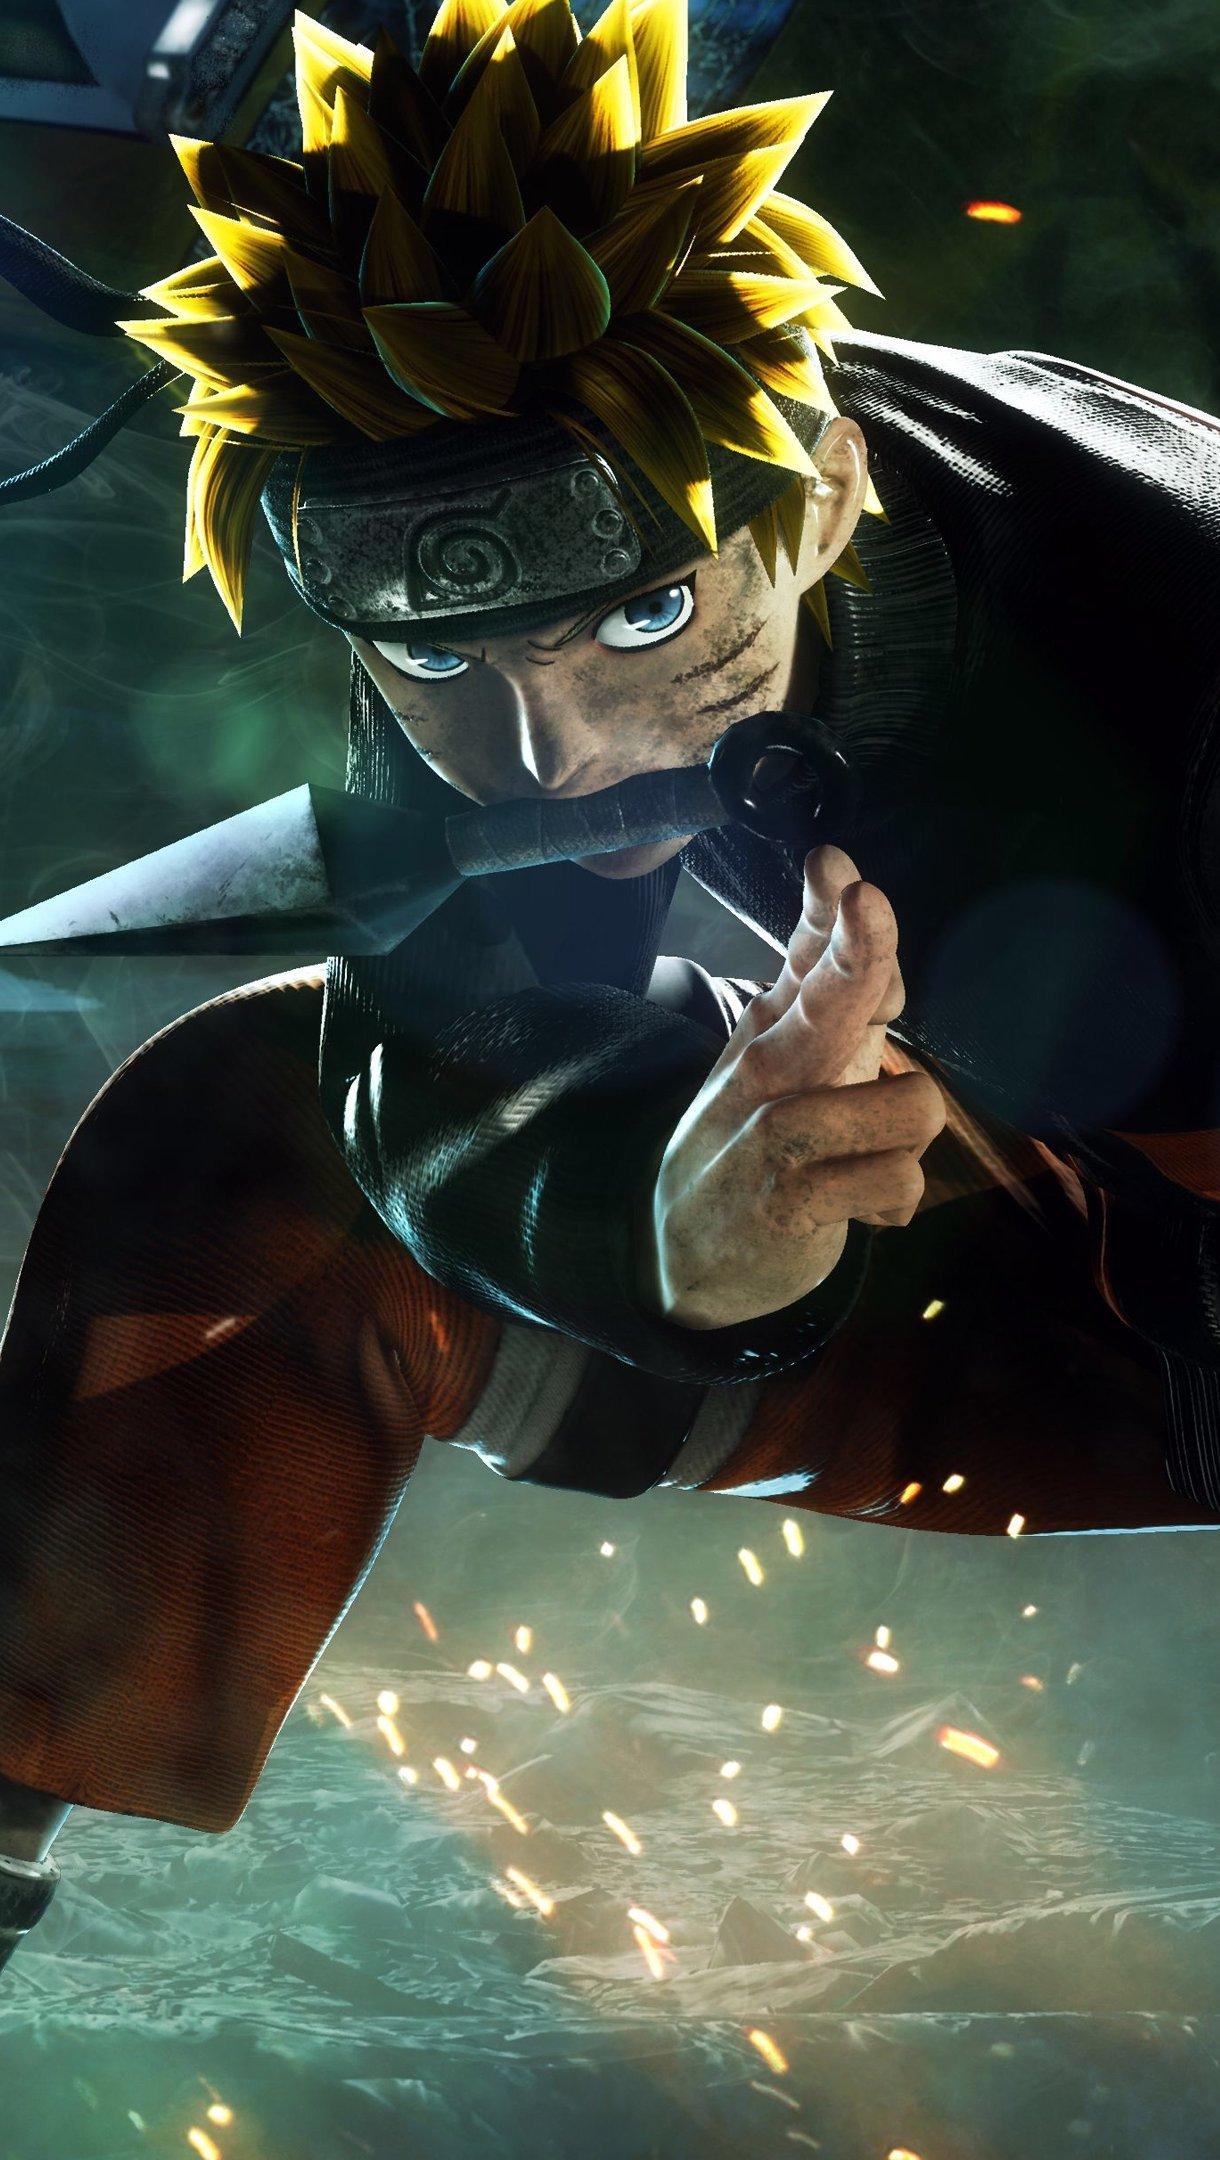 Fondos de pantalla Anime Naruto en juego Jump Force Vertical